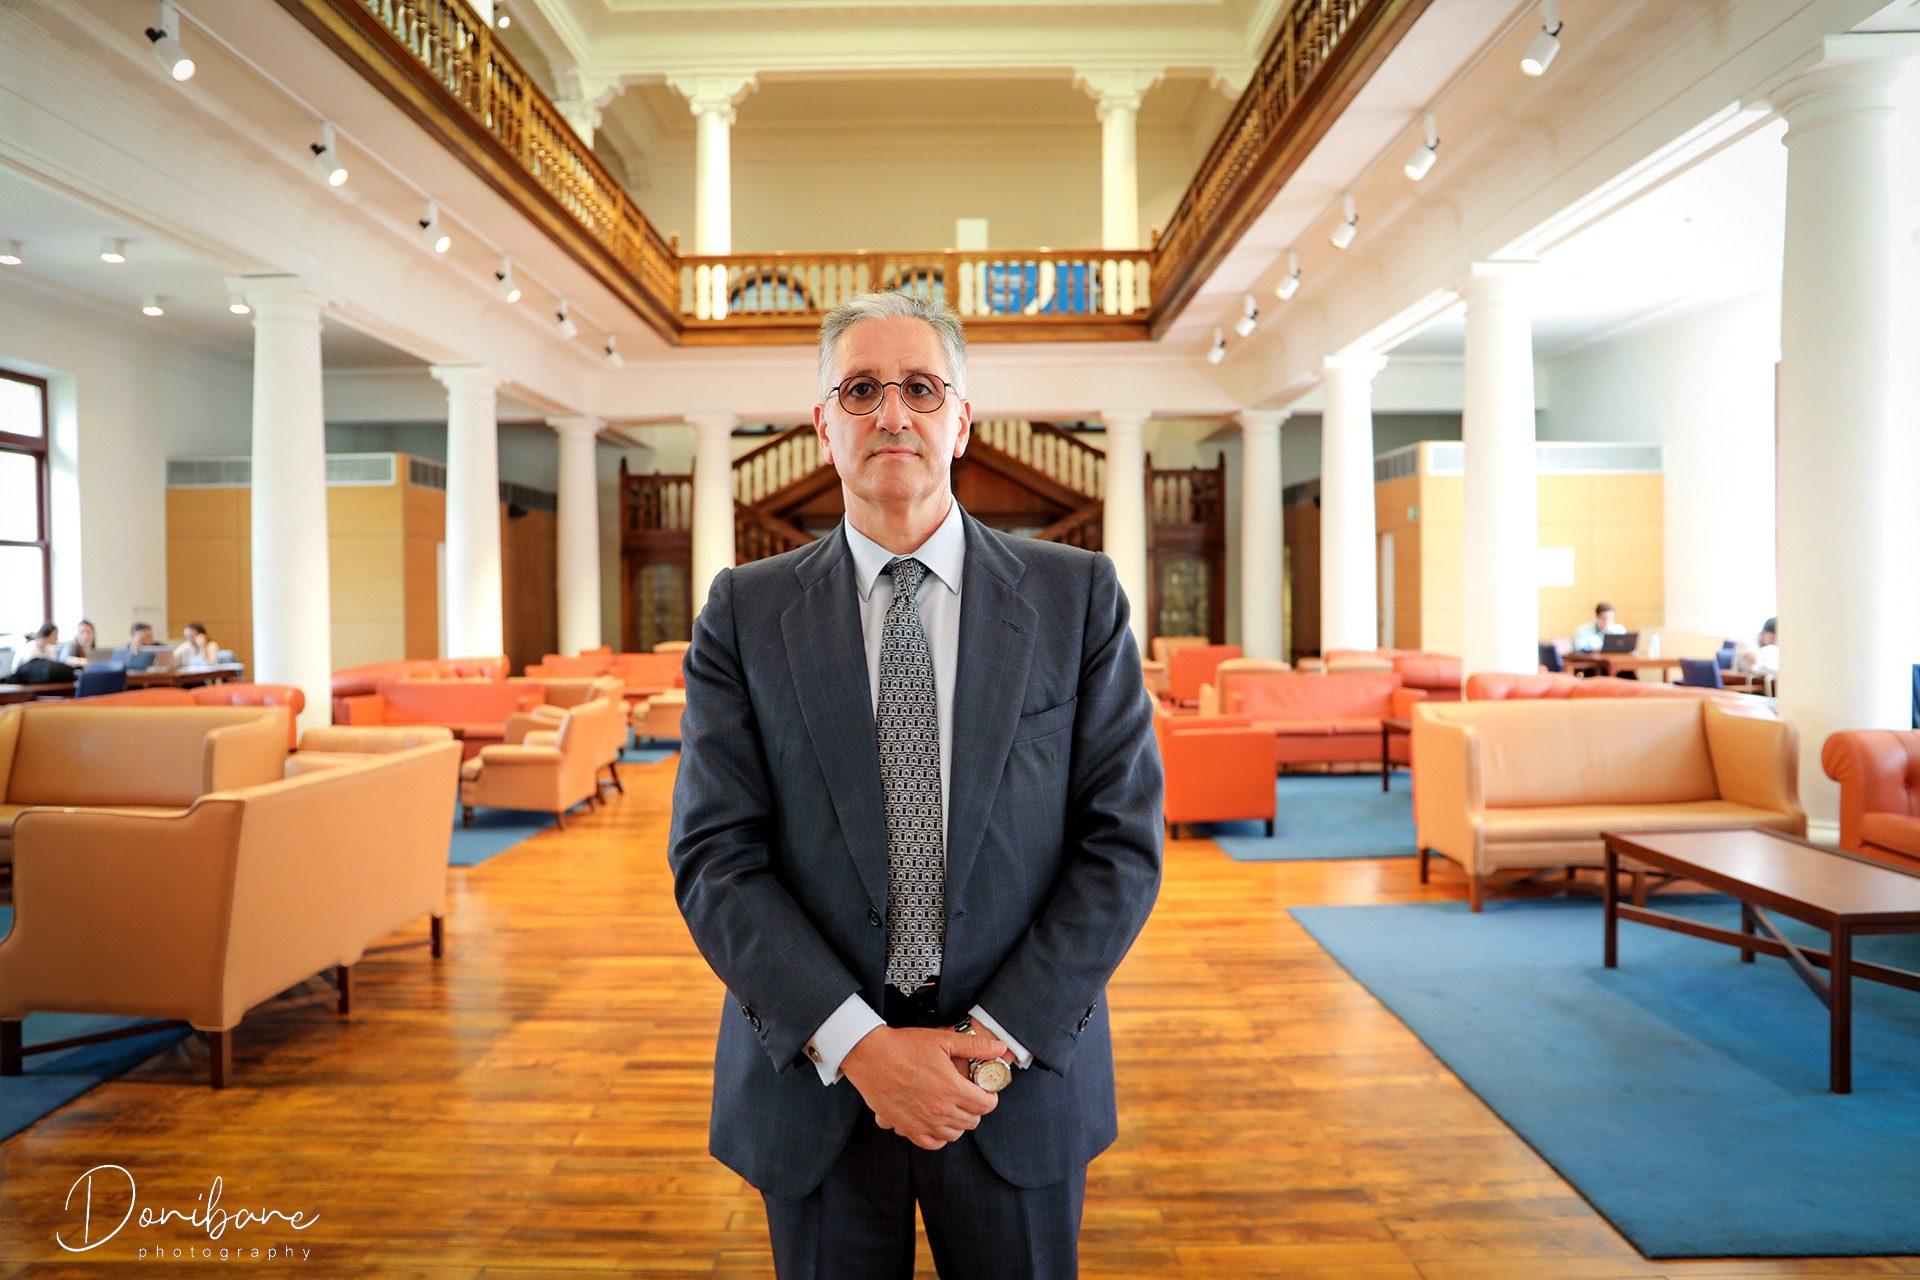 Presidente de Orkestra retratado por Donibane